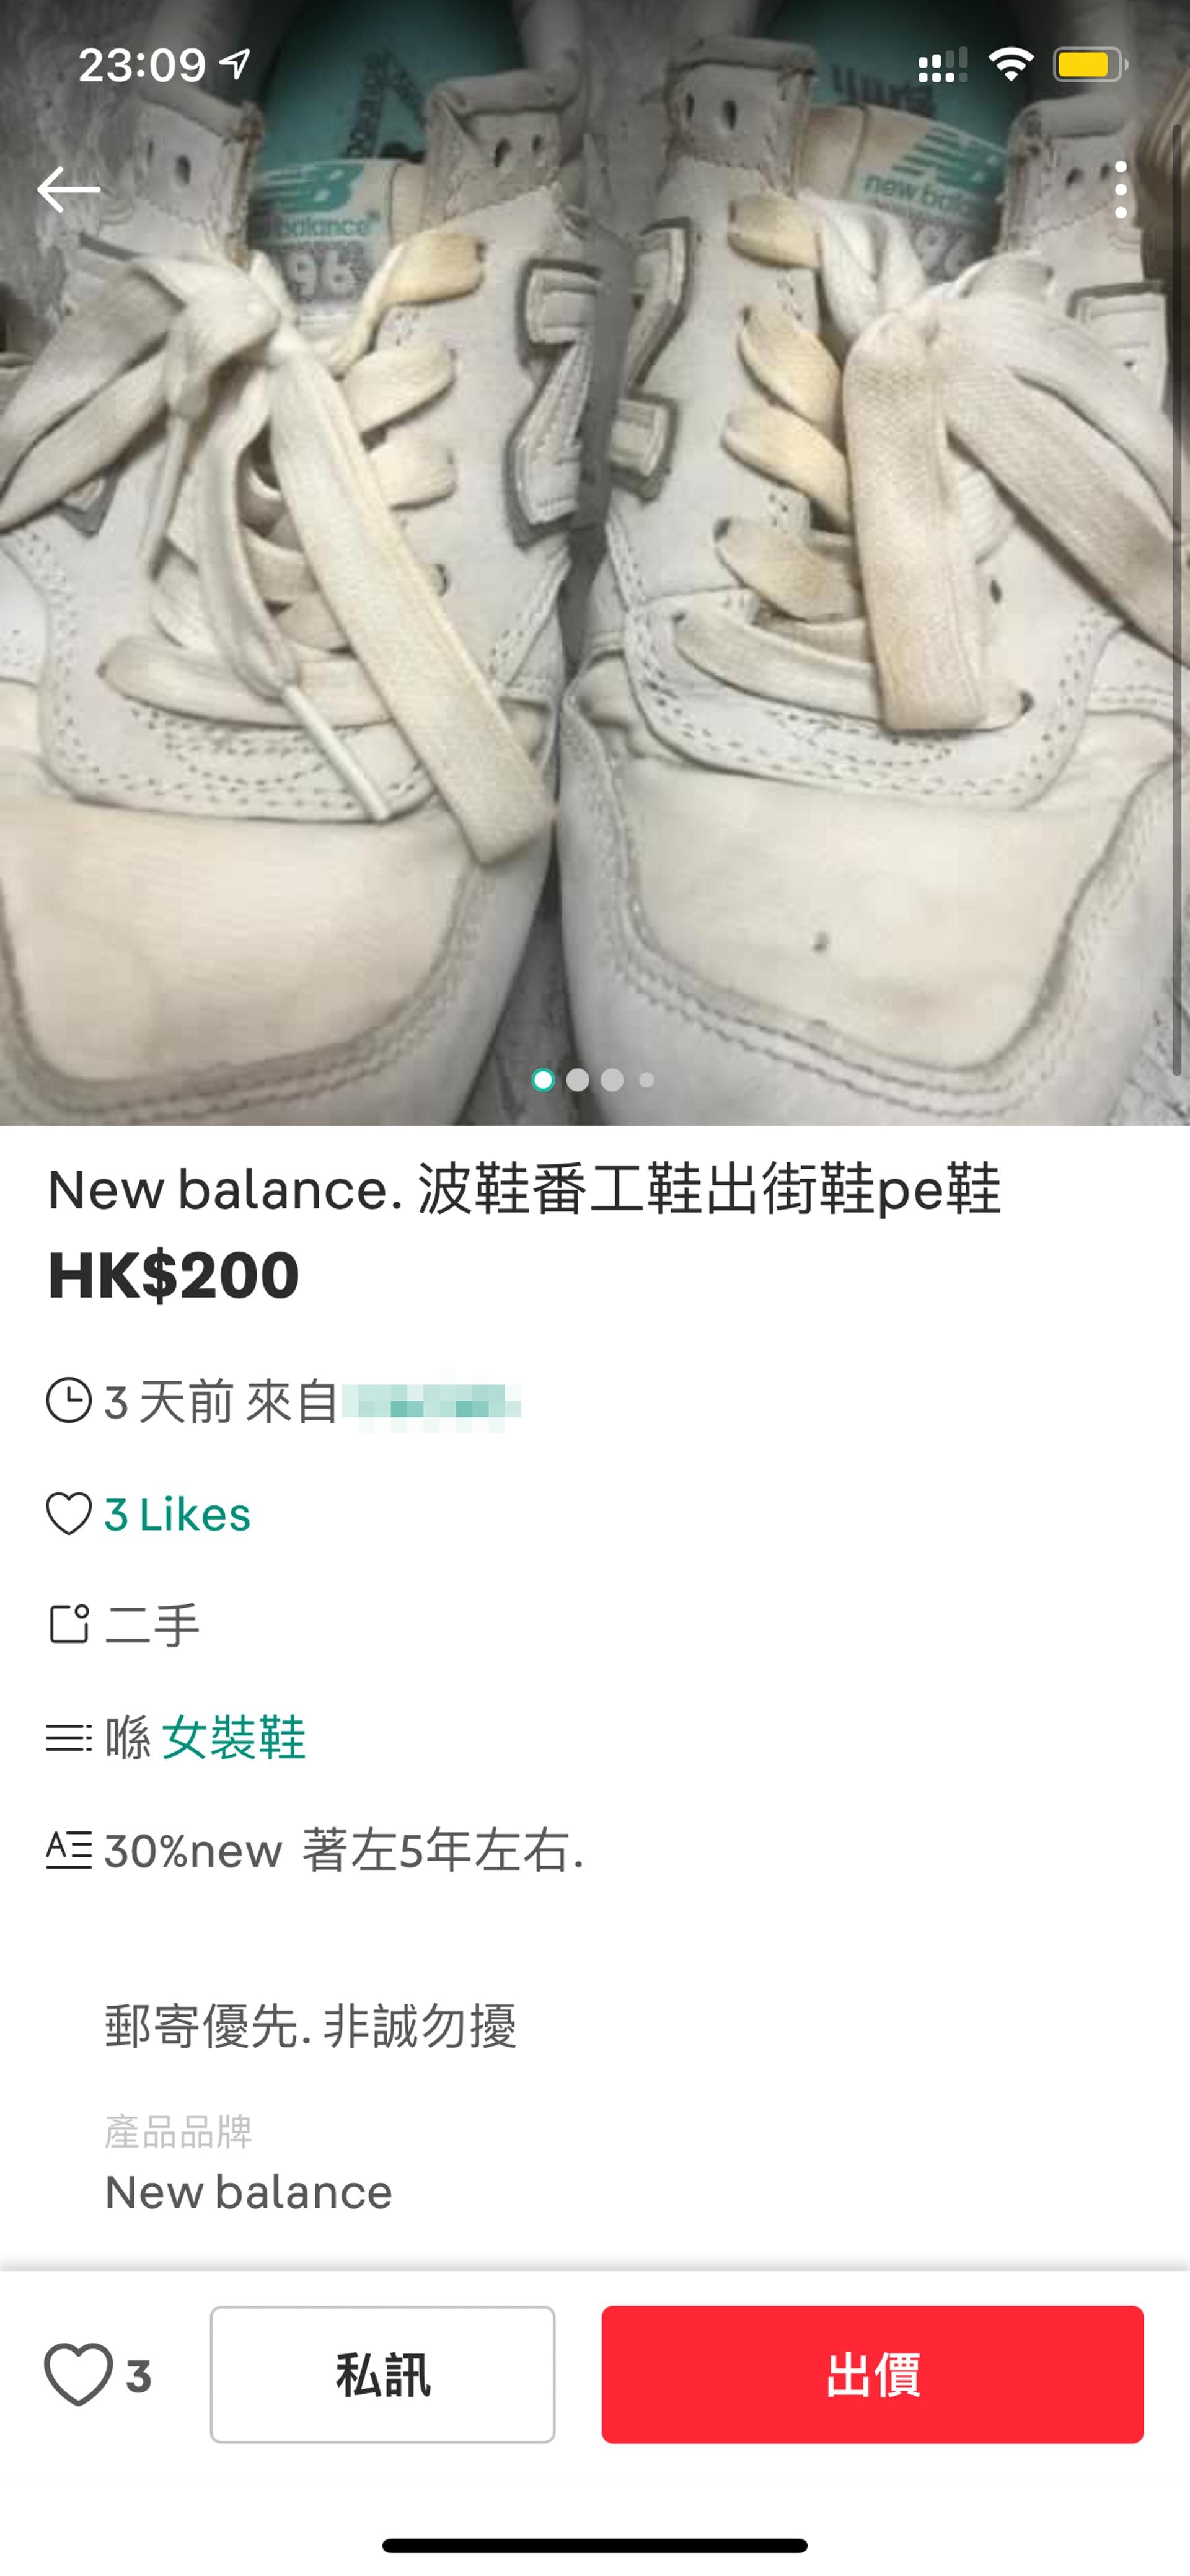 該賣家亦有將其他波鞋或布鞋放上平台出售。(連登討論區圖片)